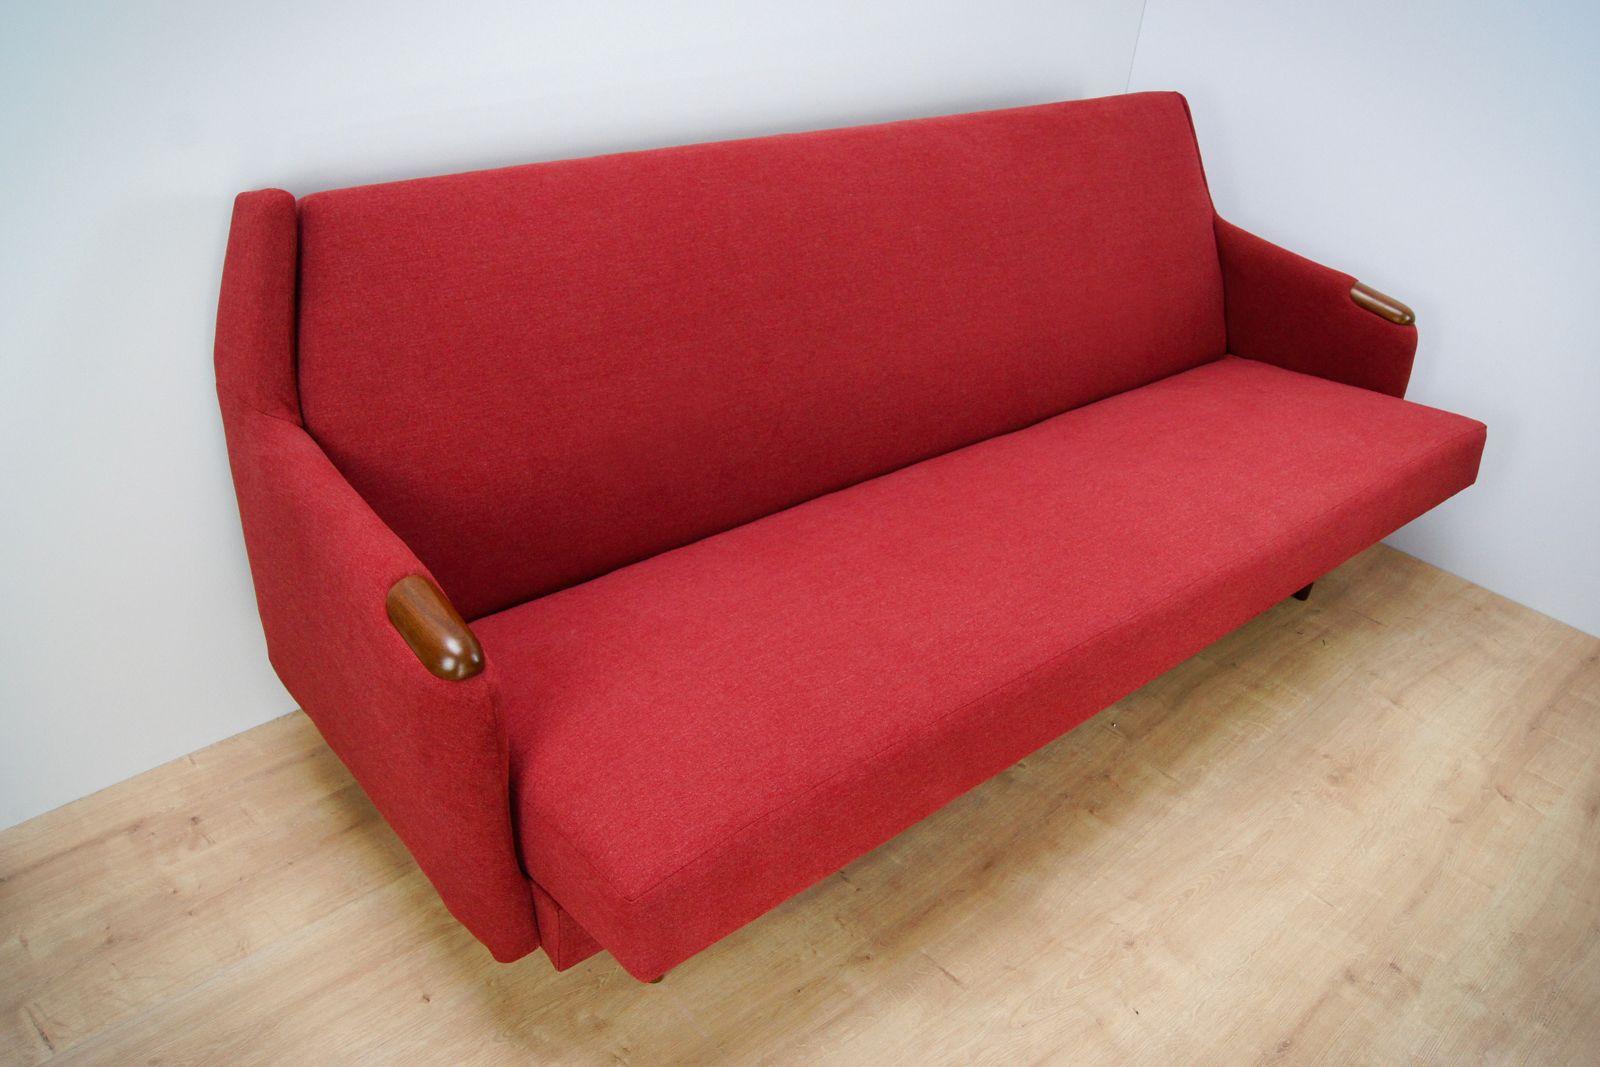 canap en teck danemark 1960s en vente sur pamono. Black Bedroom Furniture Sets. Home Design Ideas